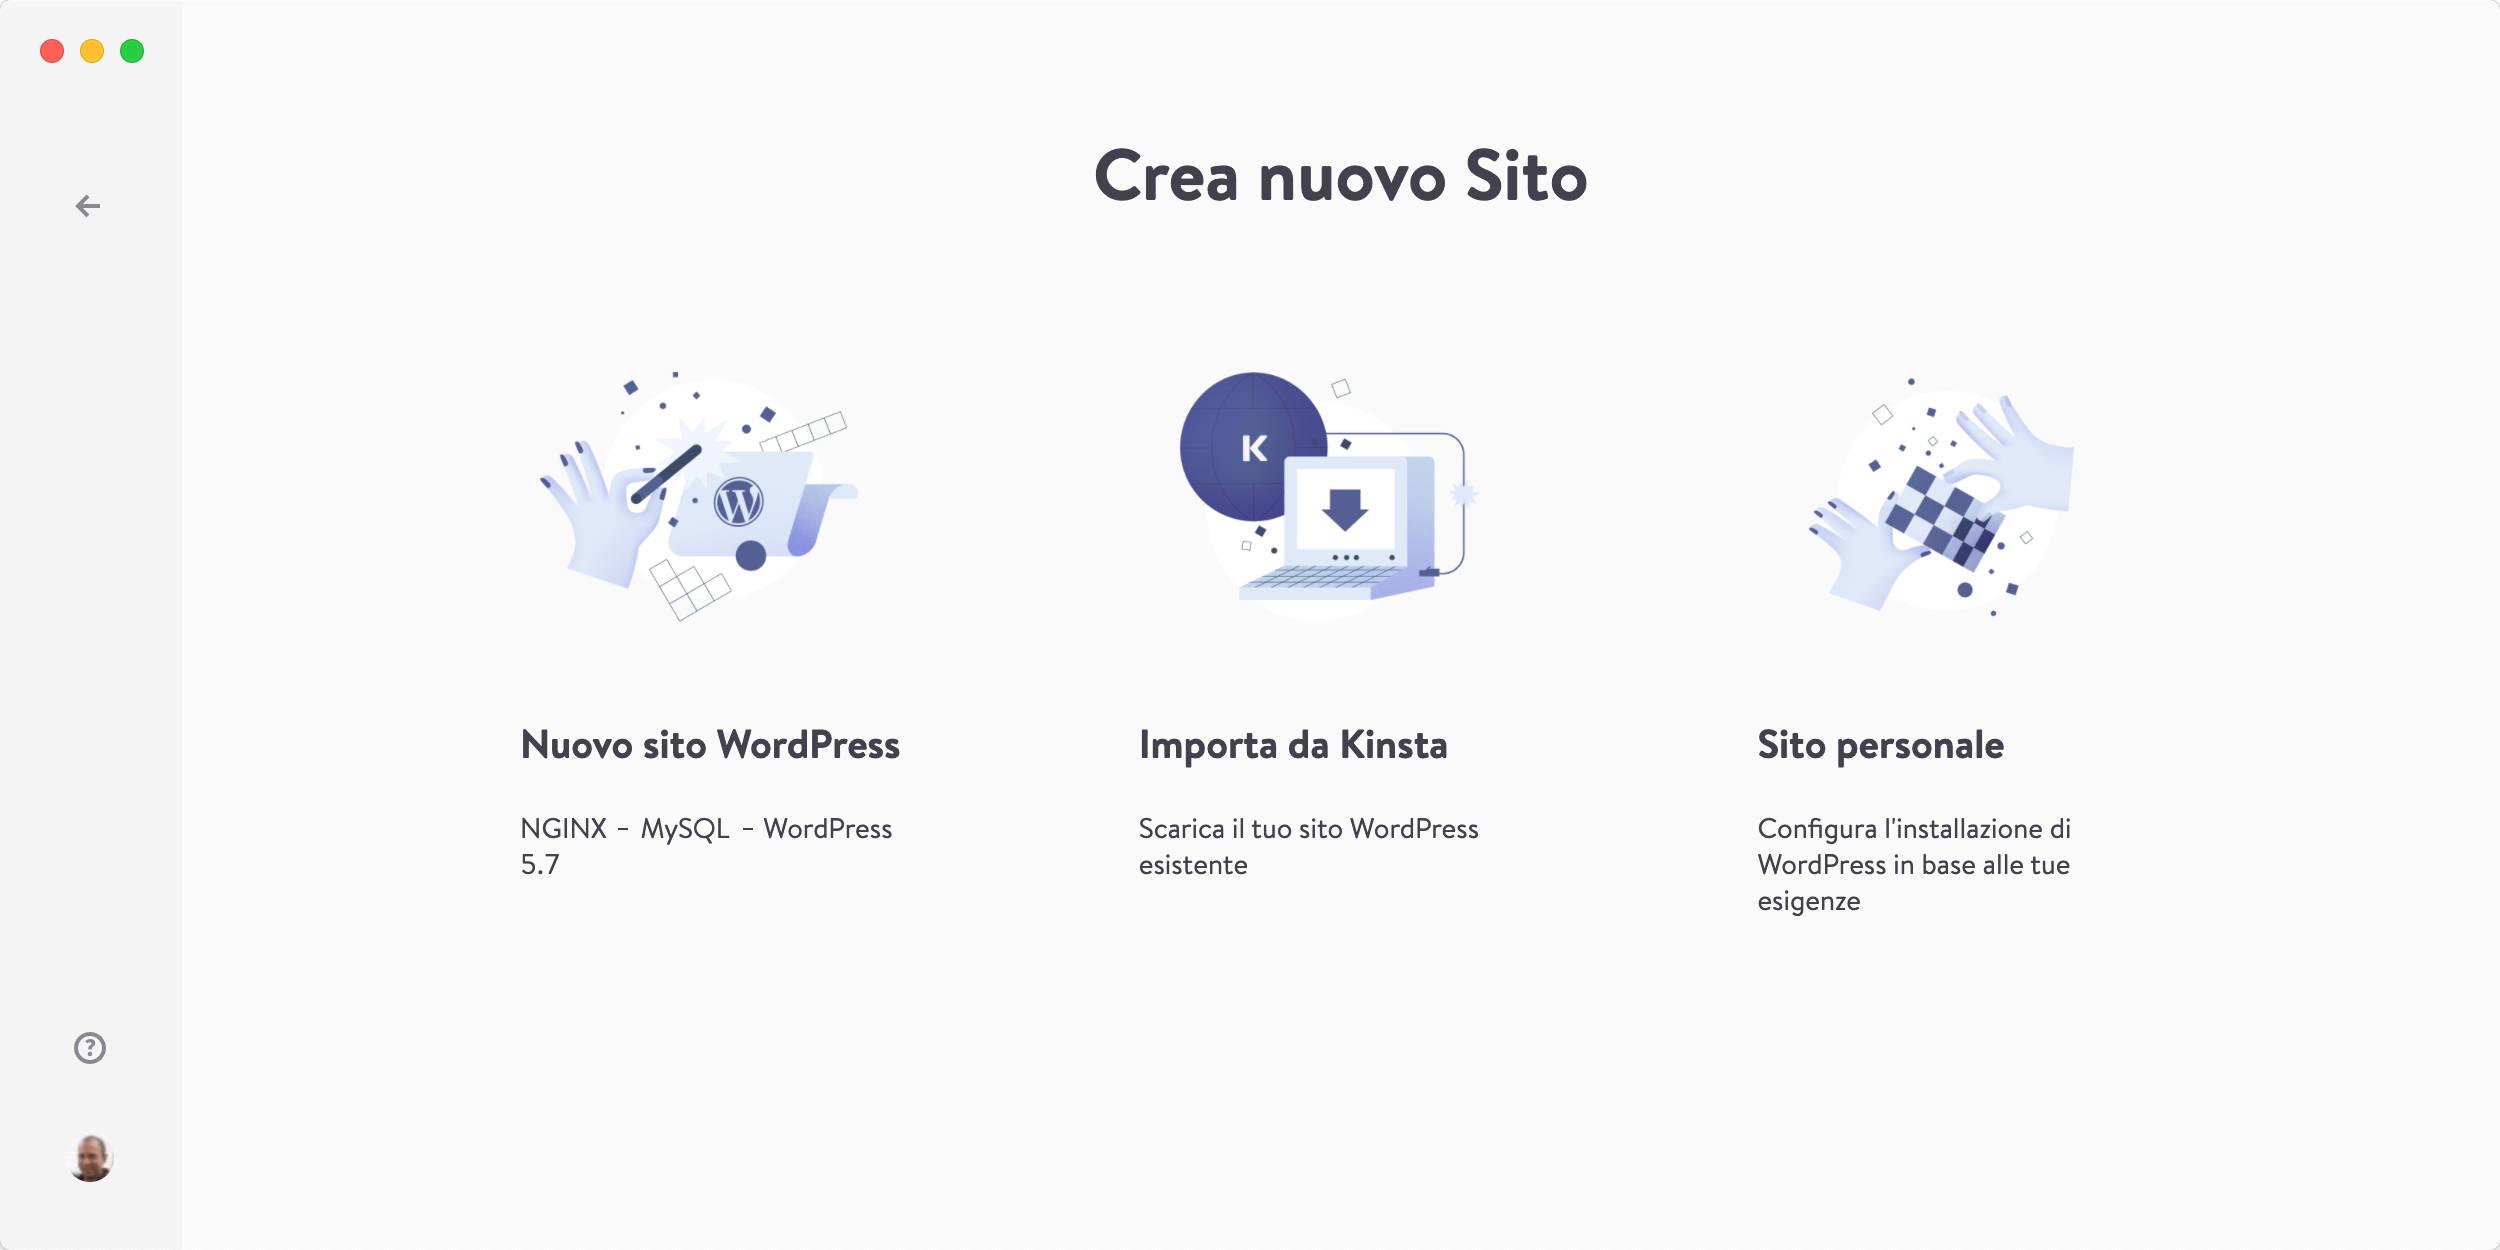 Crea nuovo sito in DevKinsta